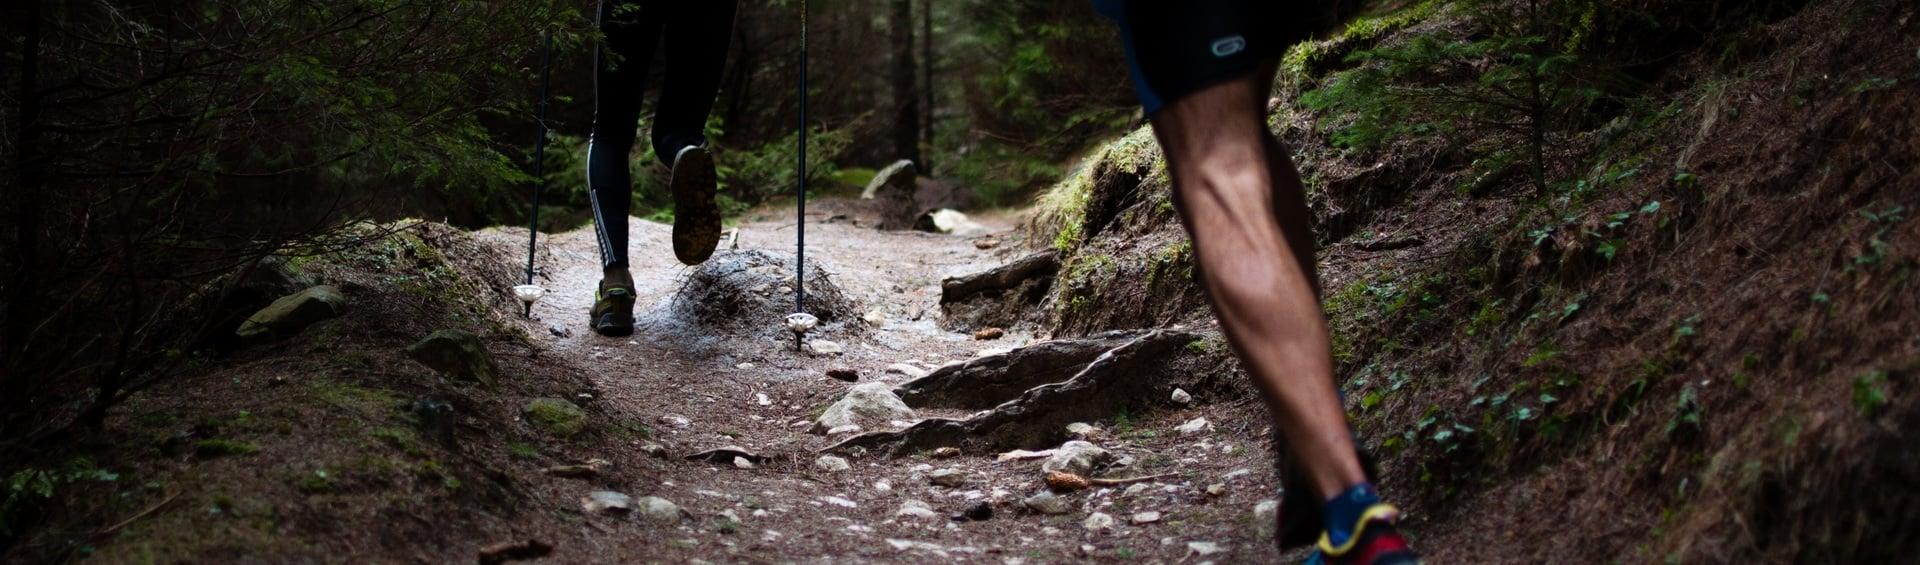 Berglauf